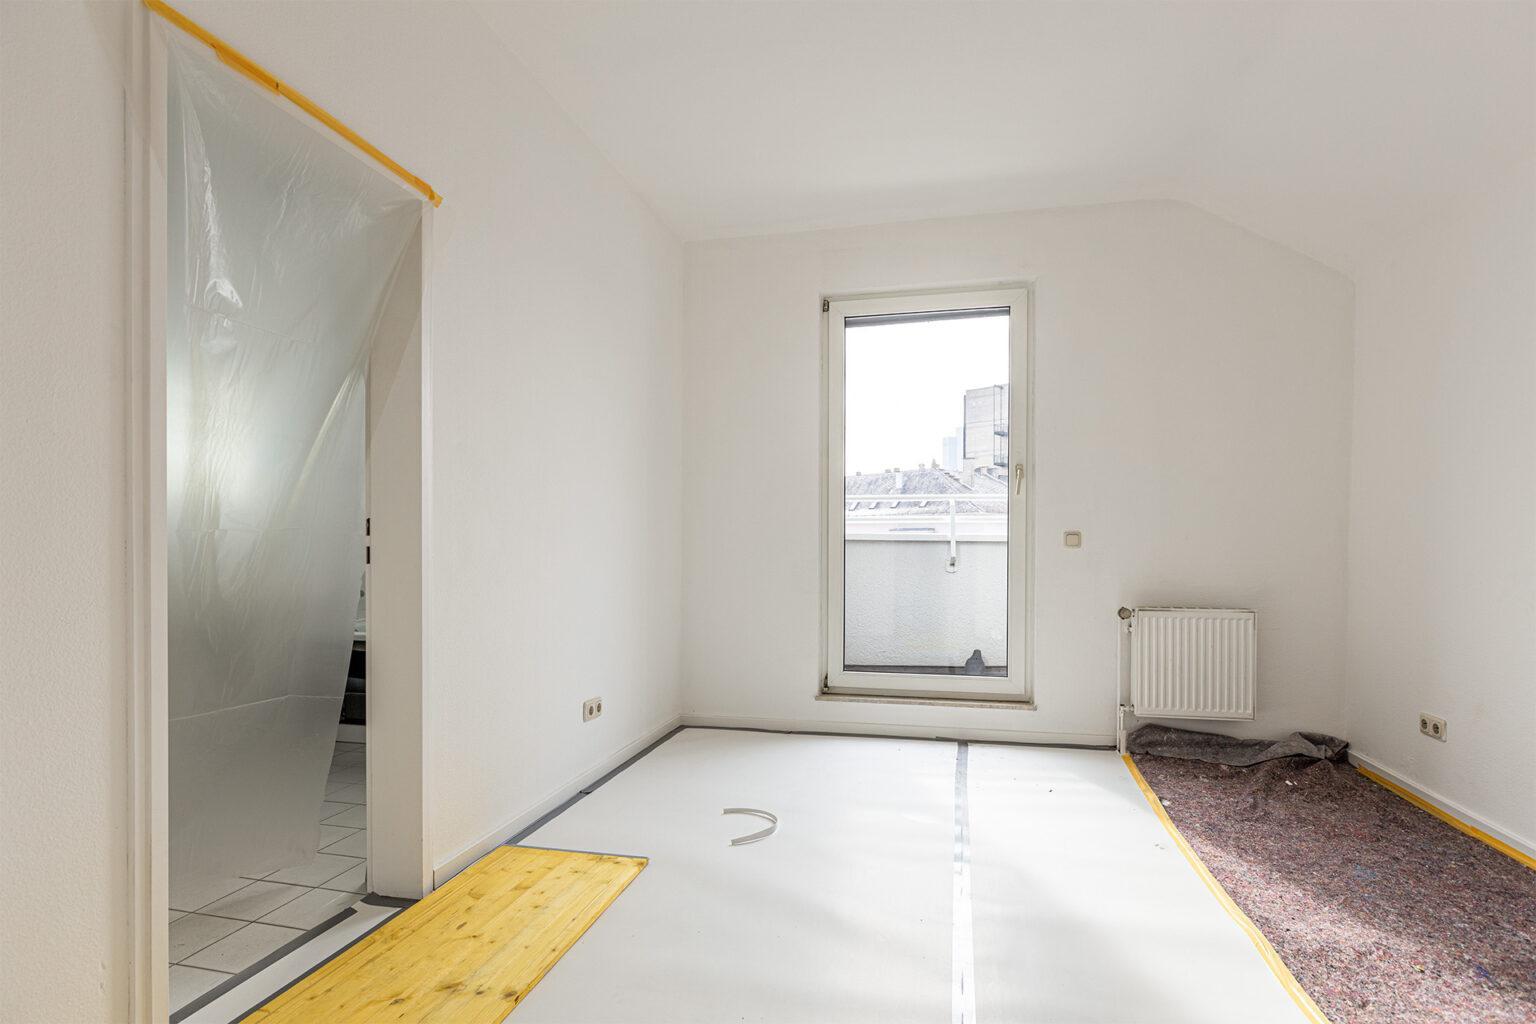 Zimmer mit Zugang in Bad und auf den Balkon